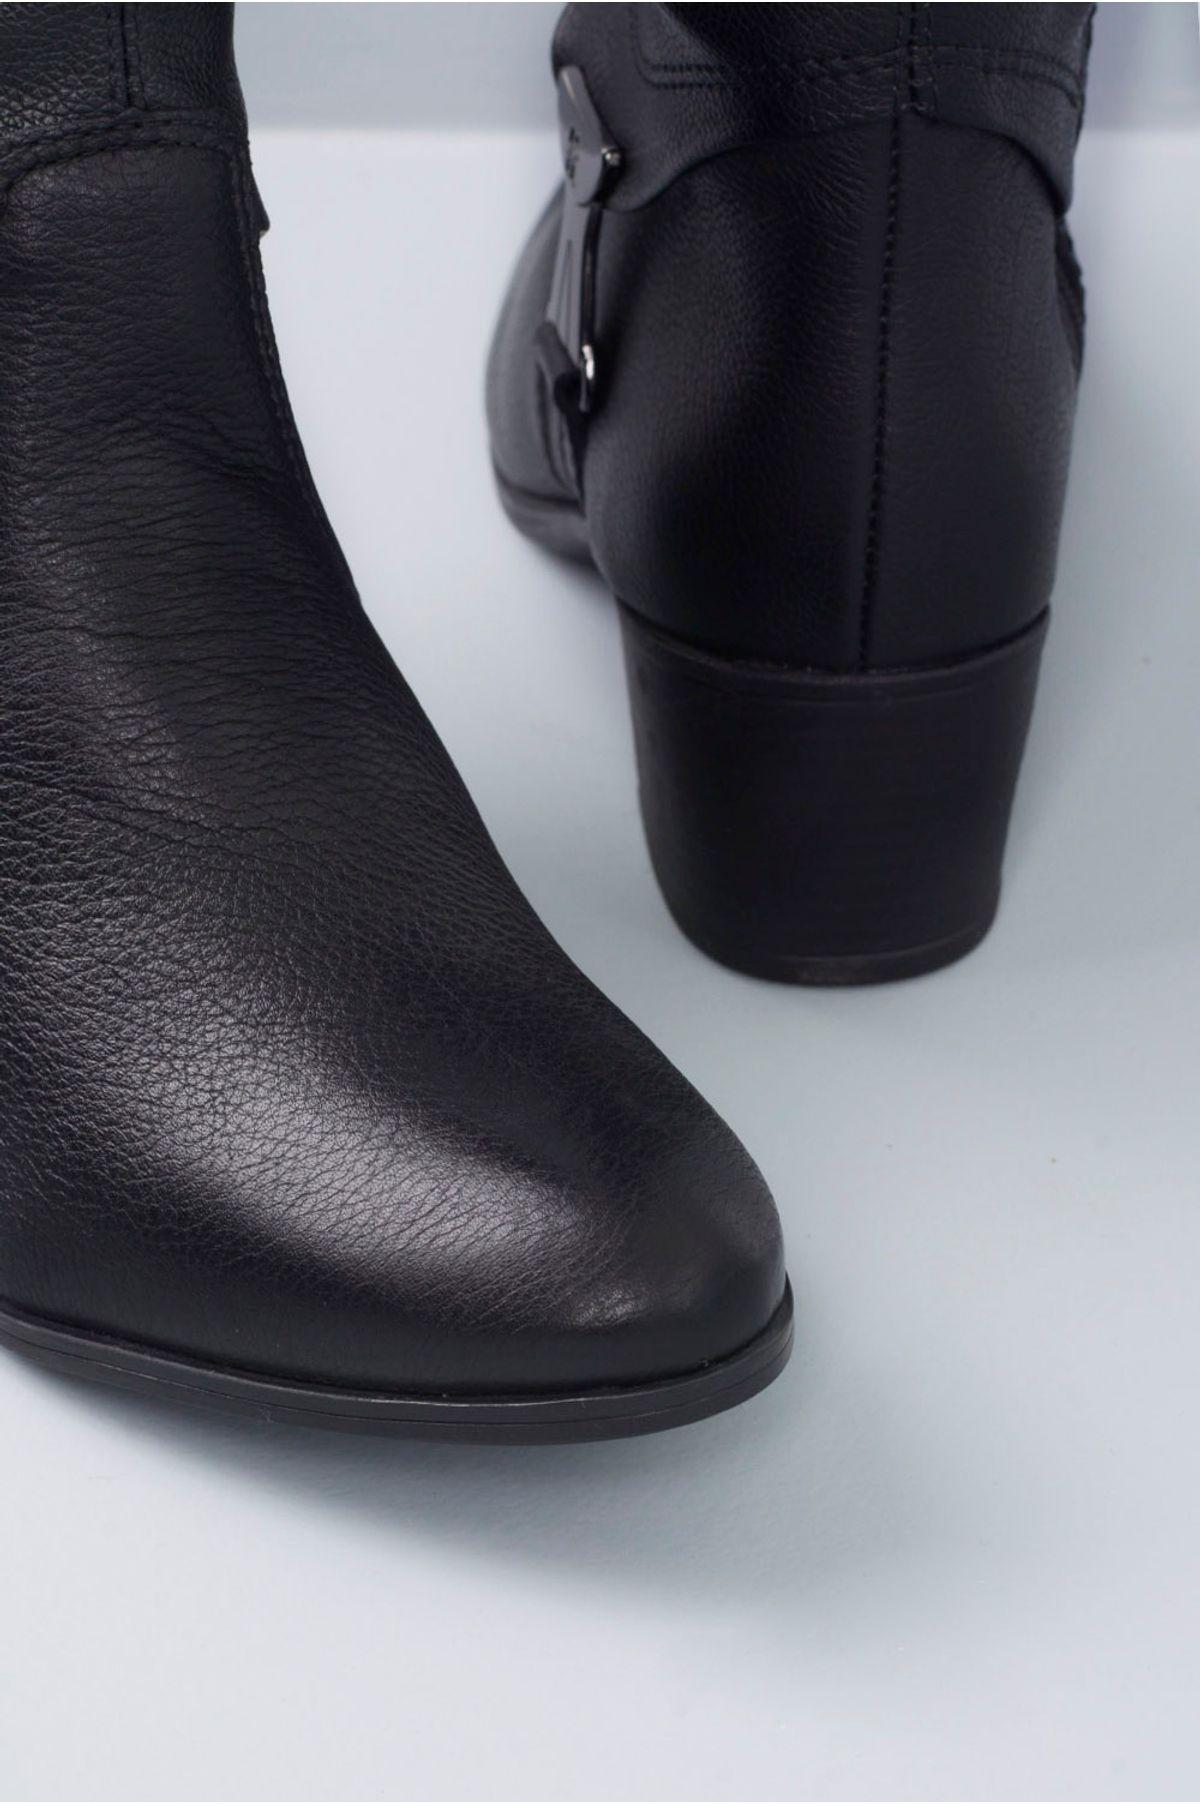 Bota Feminina Salto Médio Mileidy Bottero CR-PRETO - Mundial Calçados 252c75a6b1